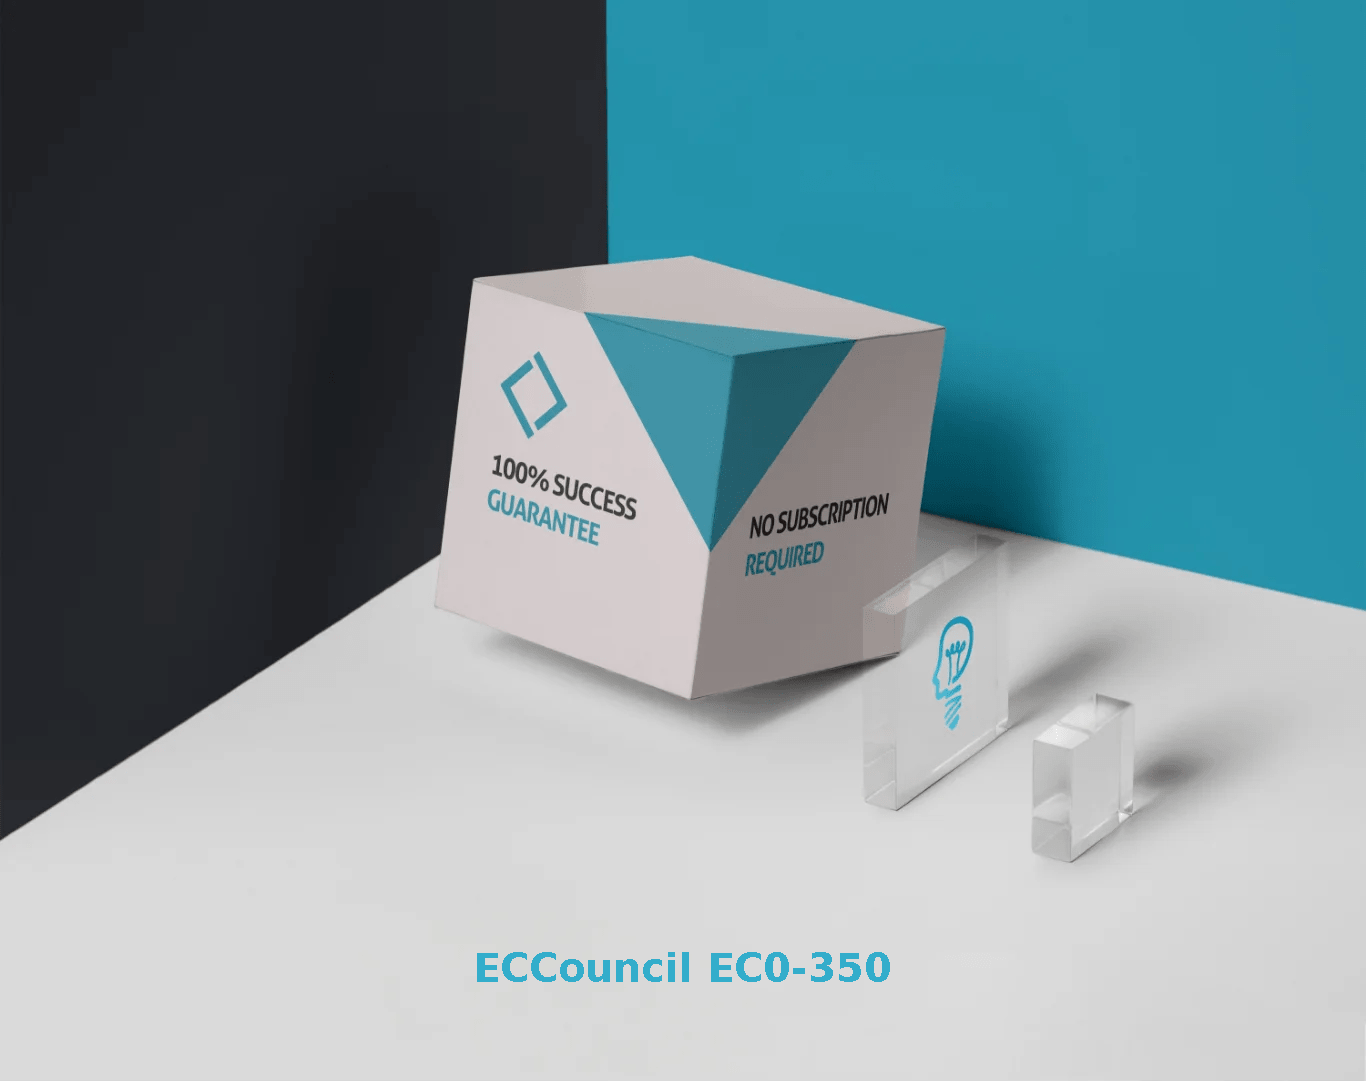 ECCouncil EC0-350 Exams